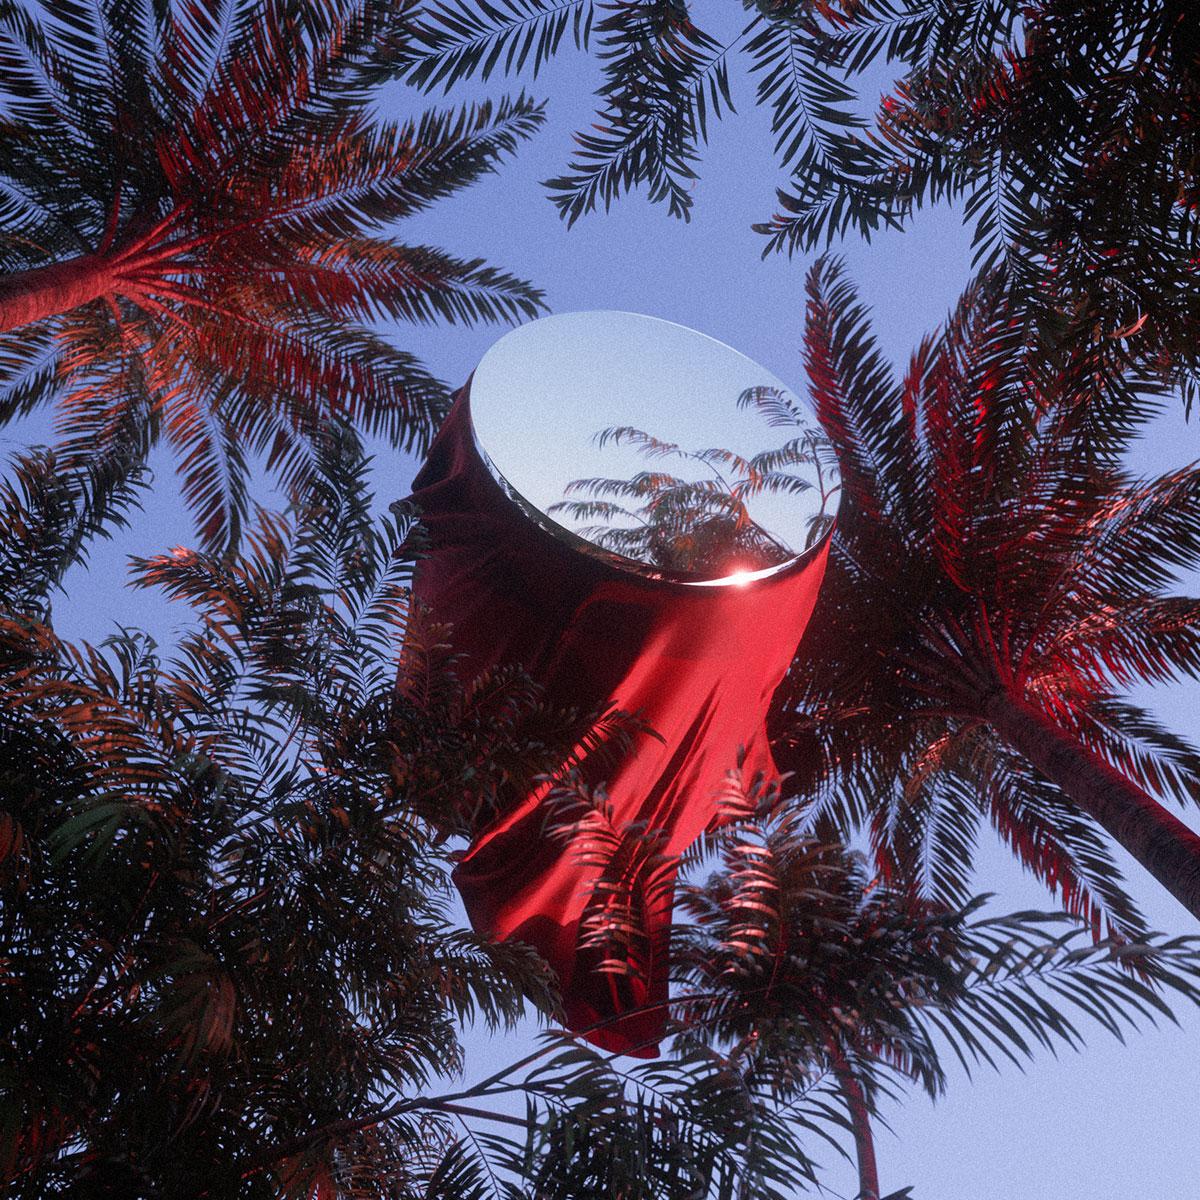 Escultura de espejo con tela roja entre palmeras del artista Mathieu L.B.